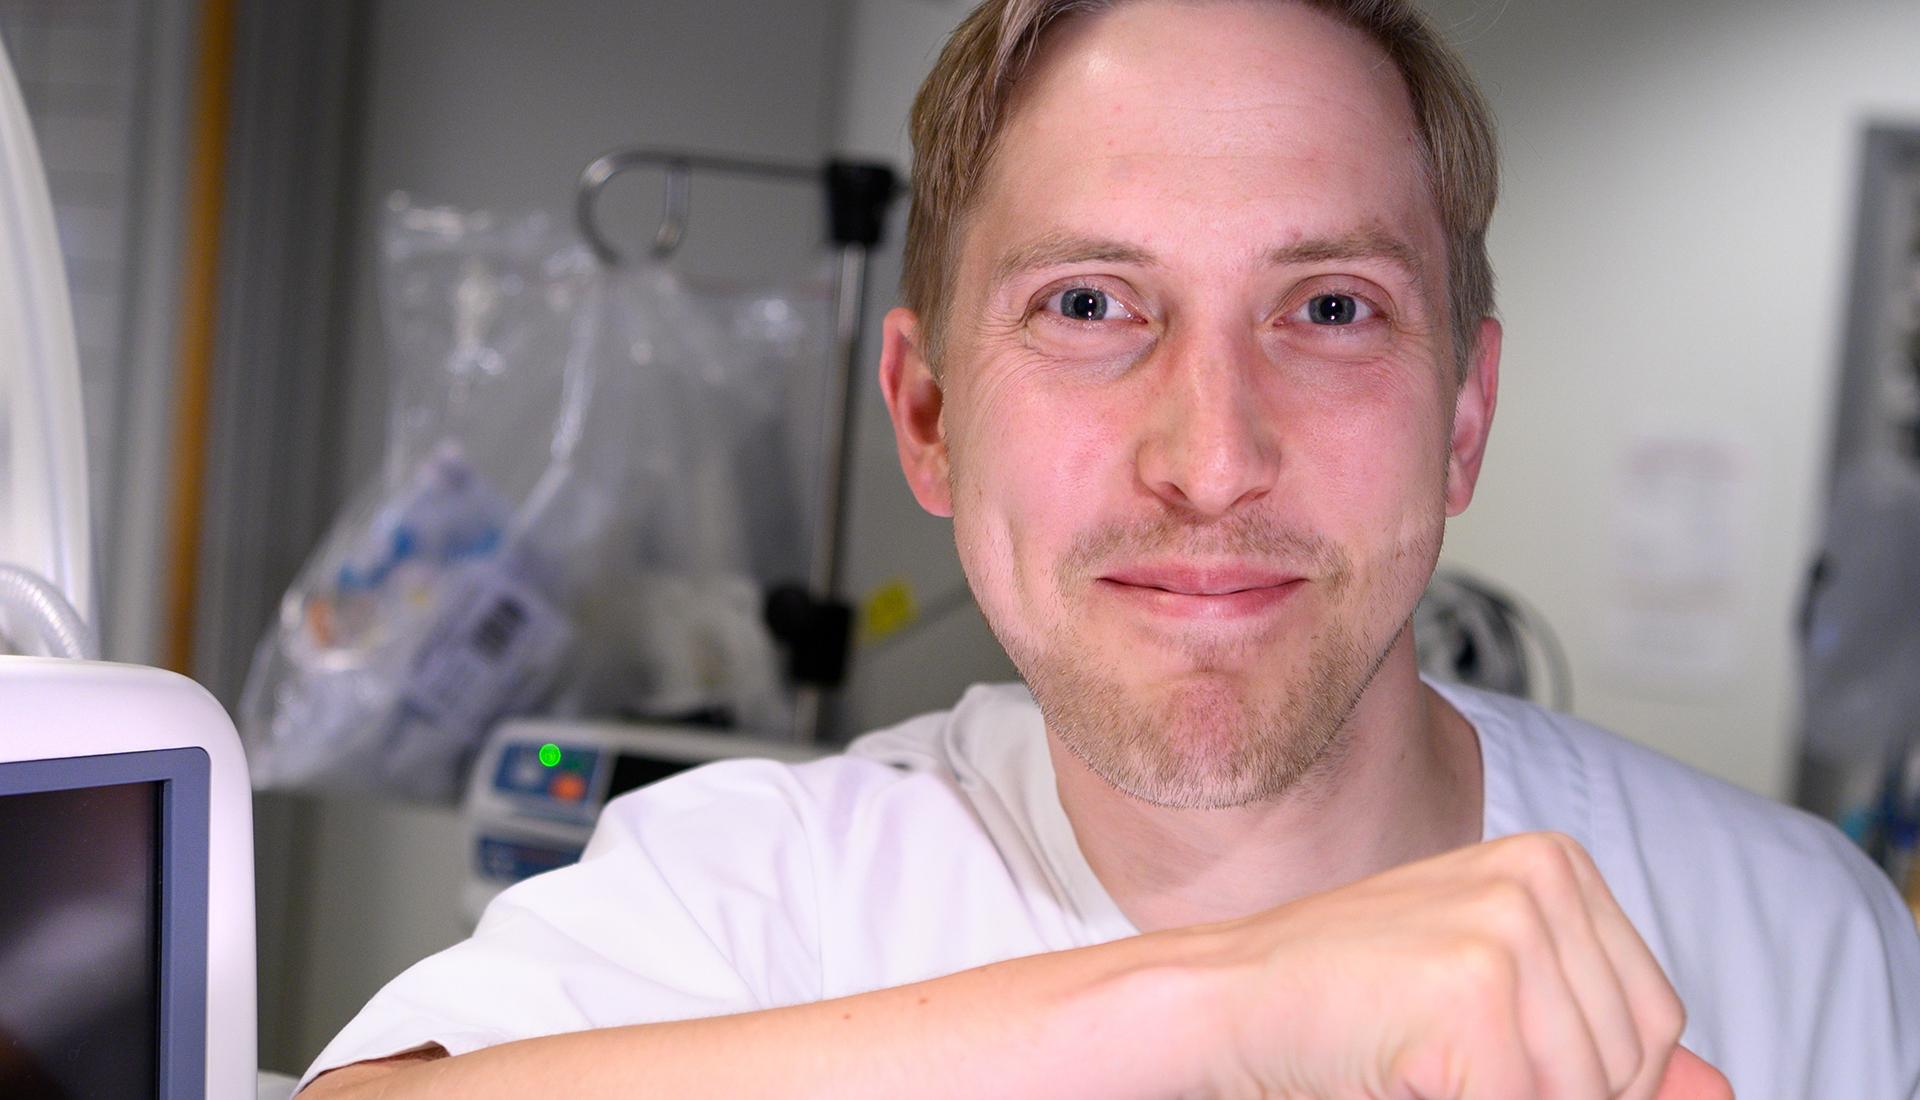 Liggende bilde av Anders Christoffersen, tatt av Svein Lunde, Cingulum AS